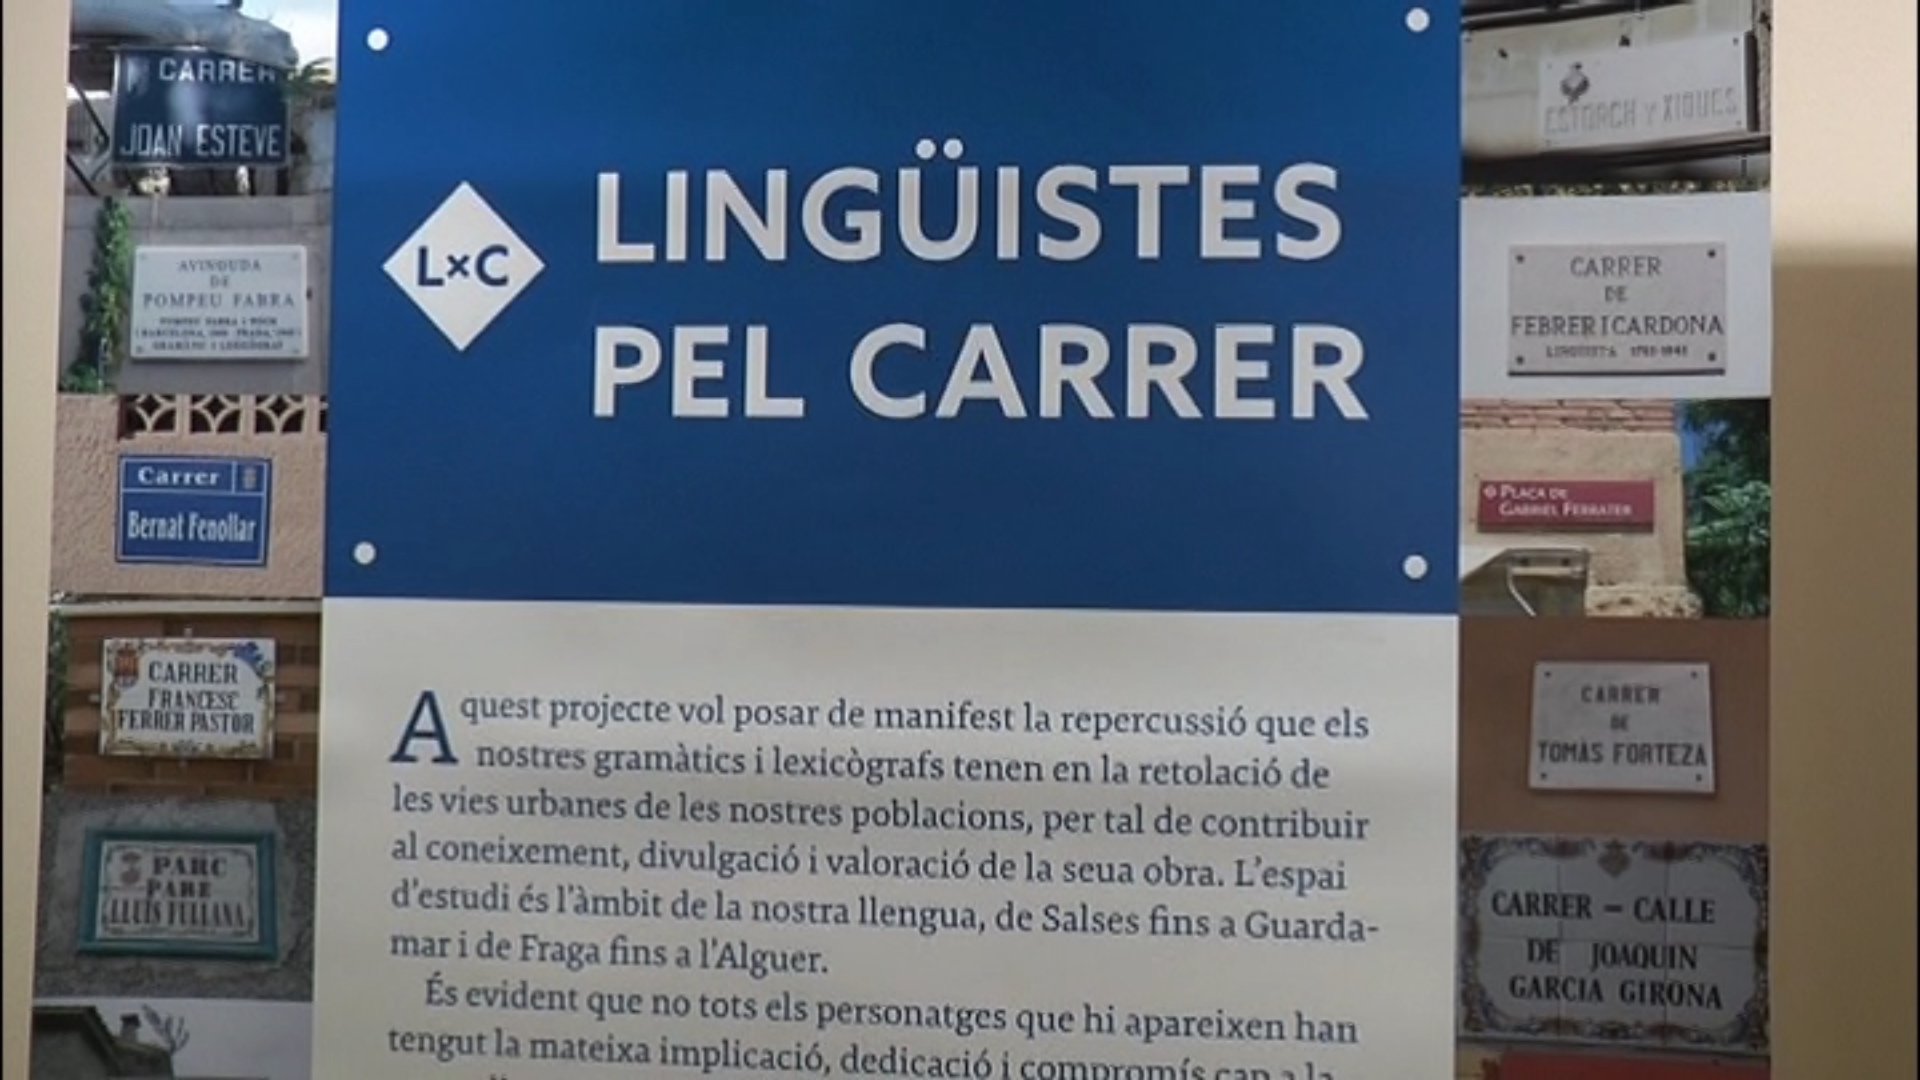 La biblioteca de Vinaròs acull la mostra Lingüistes pel carrer